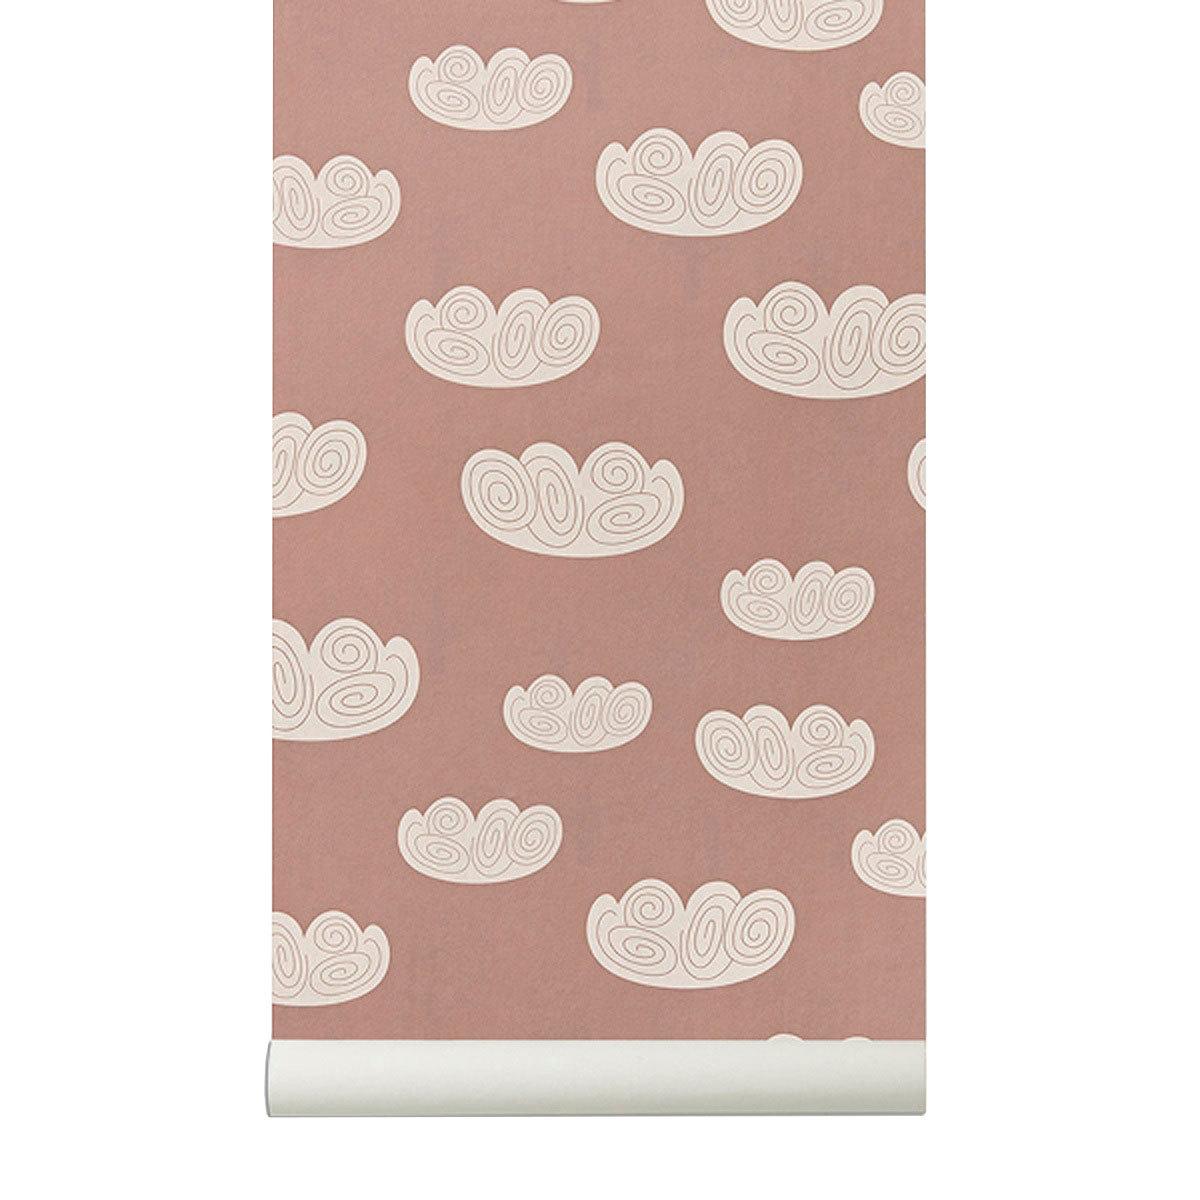 ferm living papier peint nuages rose papier peint ferm living sur l 39 armoire de b b. Black Bedroom Furniture Sets. Home Design Ideas